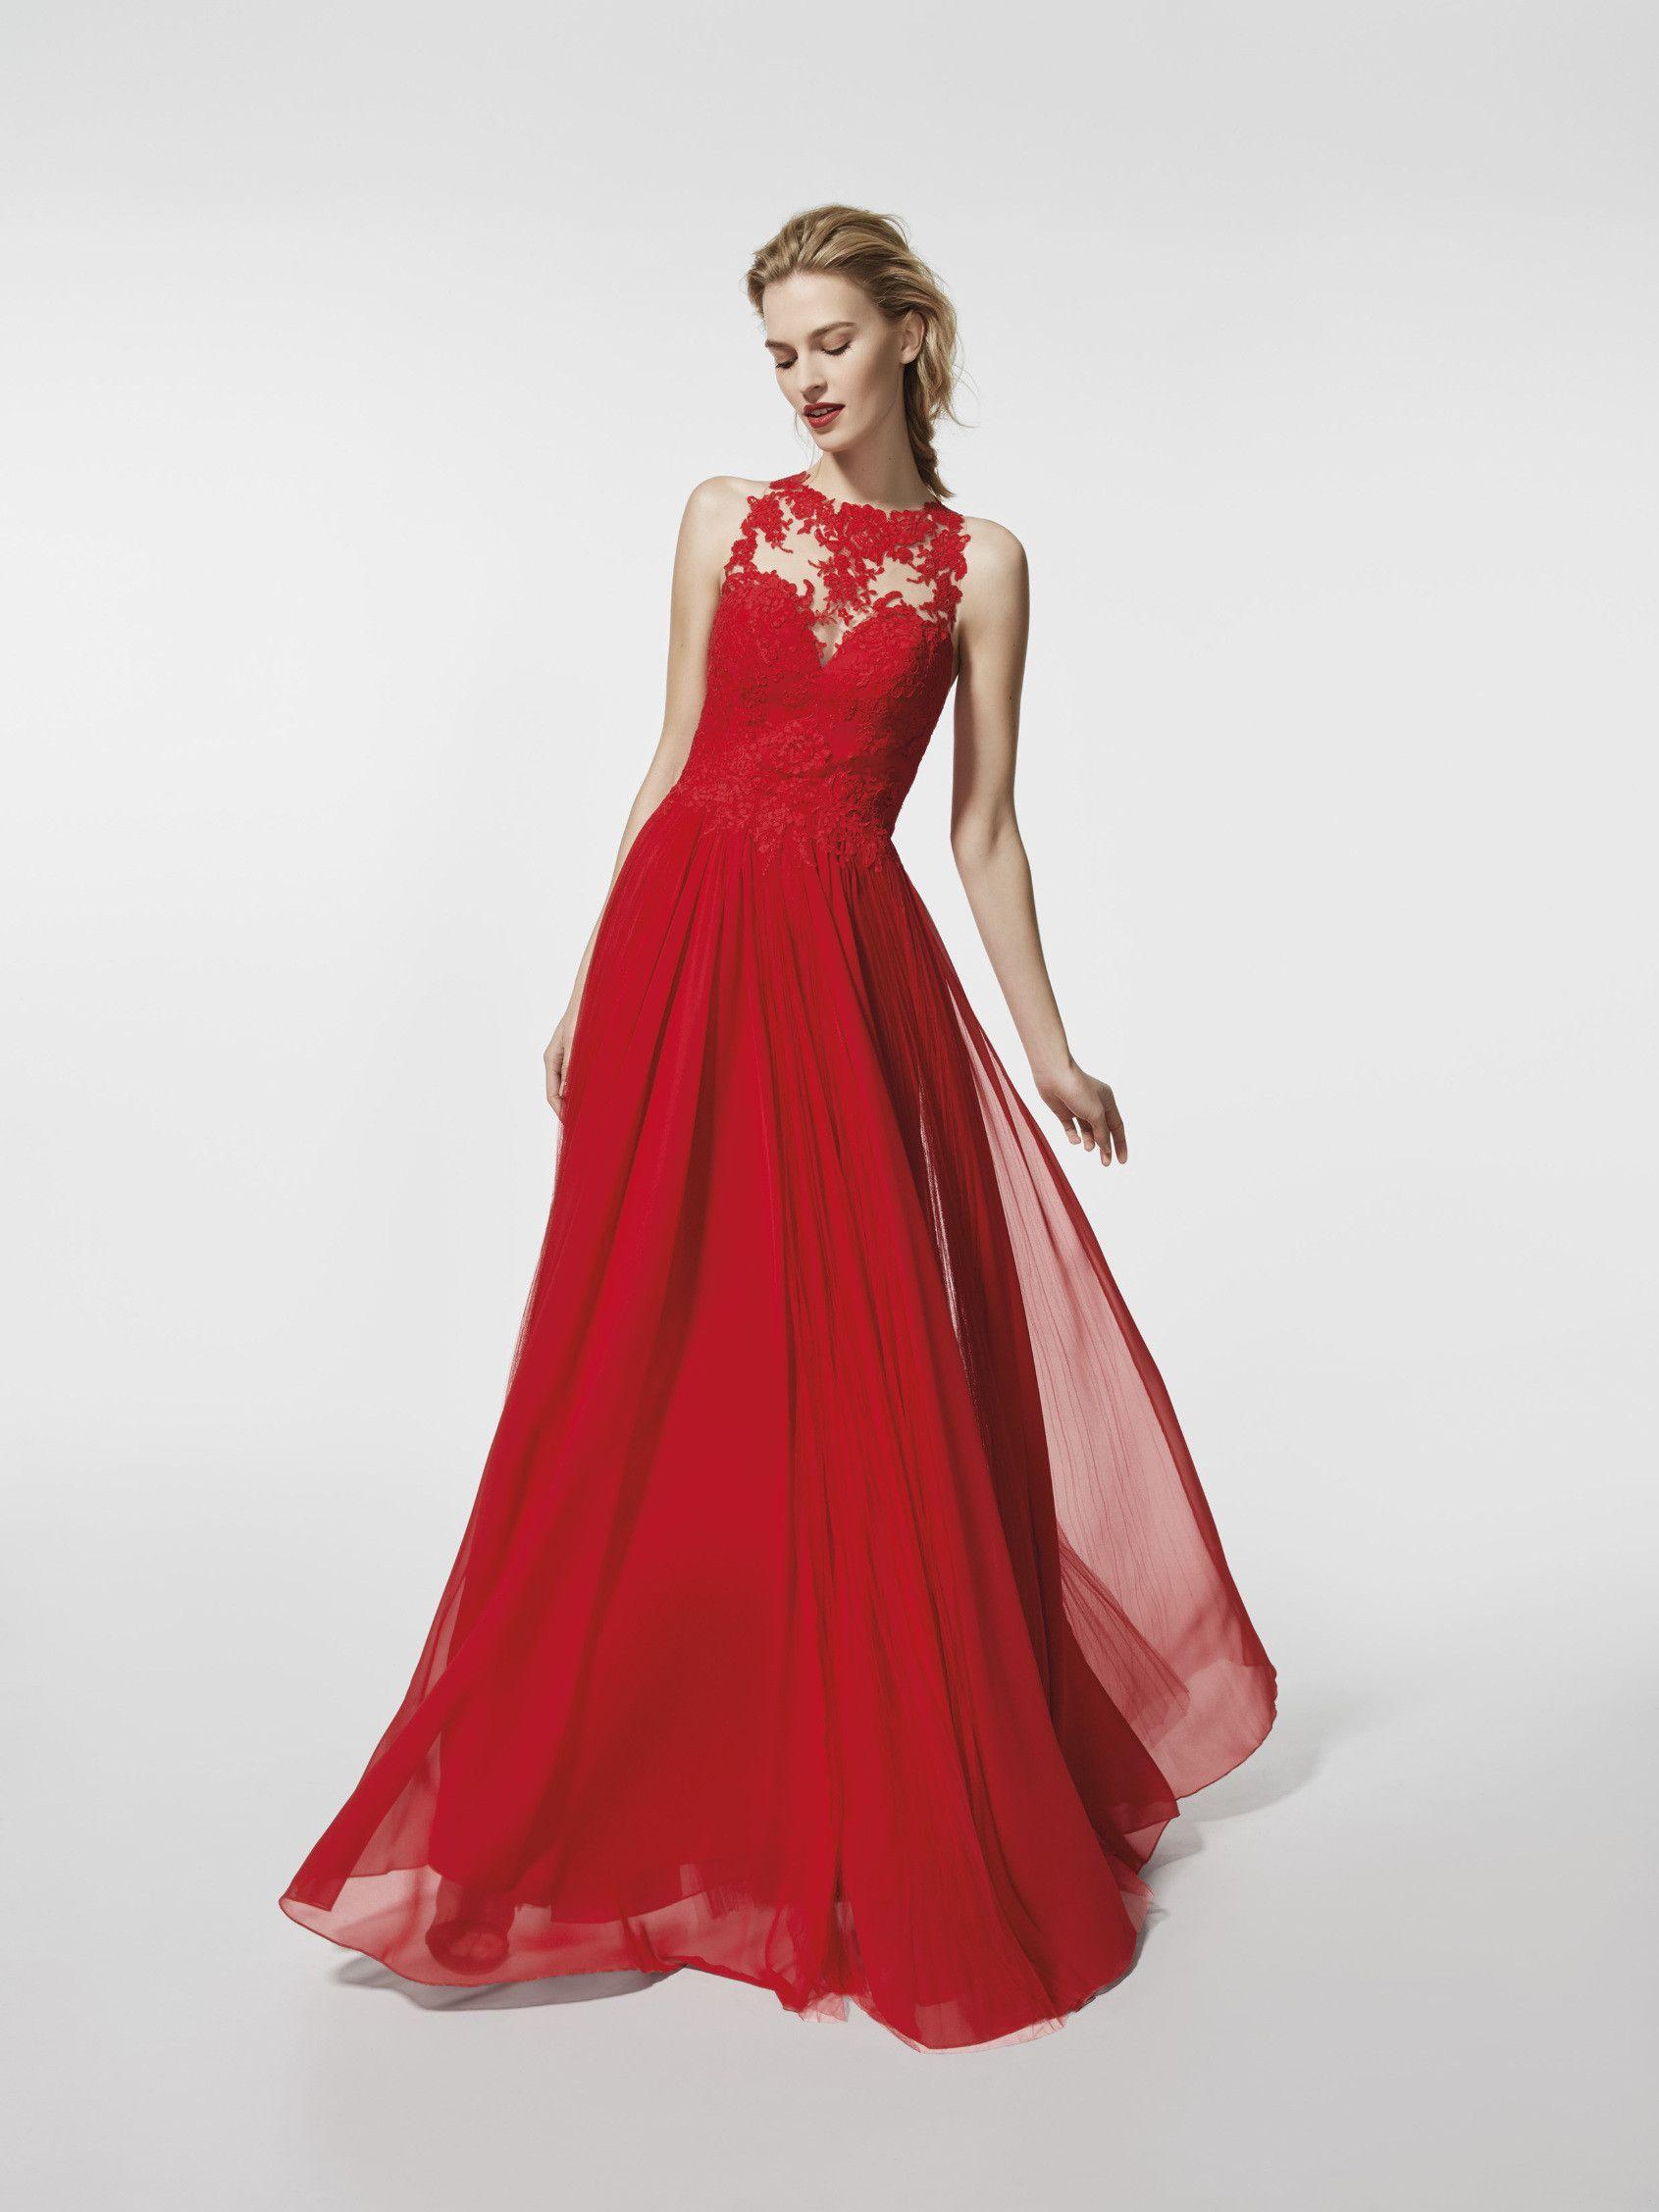 4b5224af3757 Stai cercando un abito da cerimonia  Questo è un abito lungo di colore rosso  (